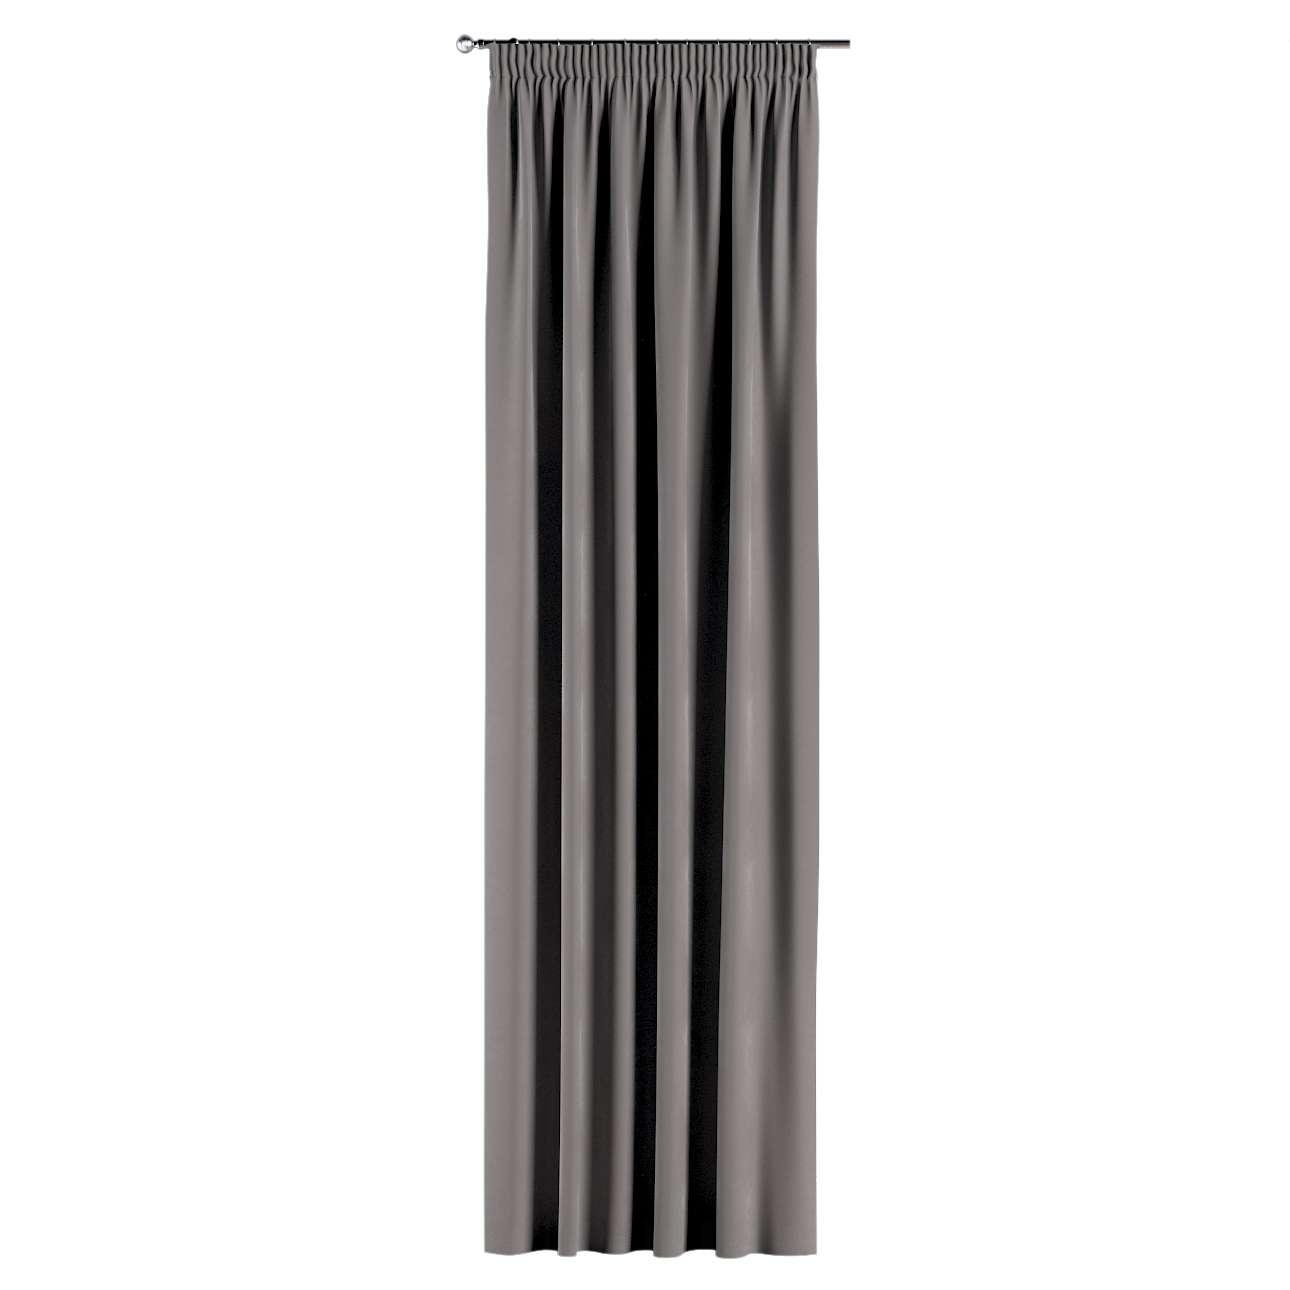 Zasłona na taśmie marszczącej 1 szt. 1szt 130x260 cm w kolekcji Velvet, tkanina: 704-11